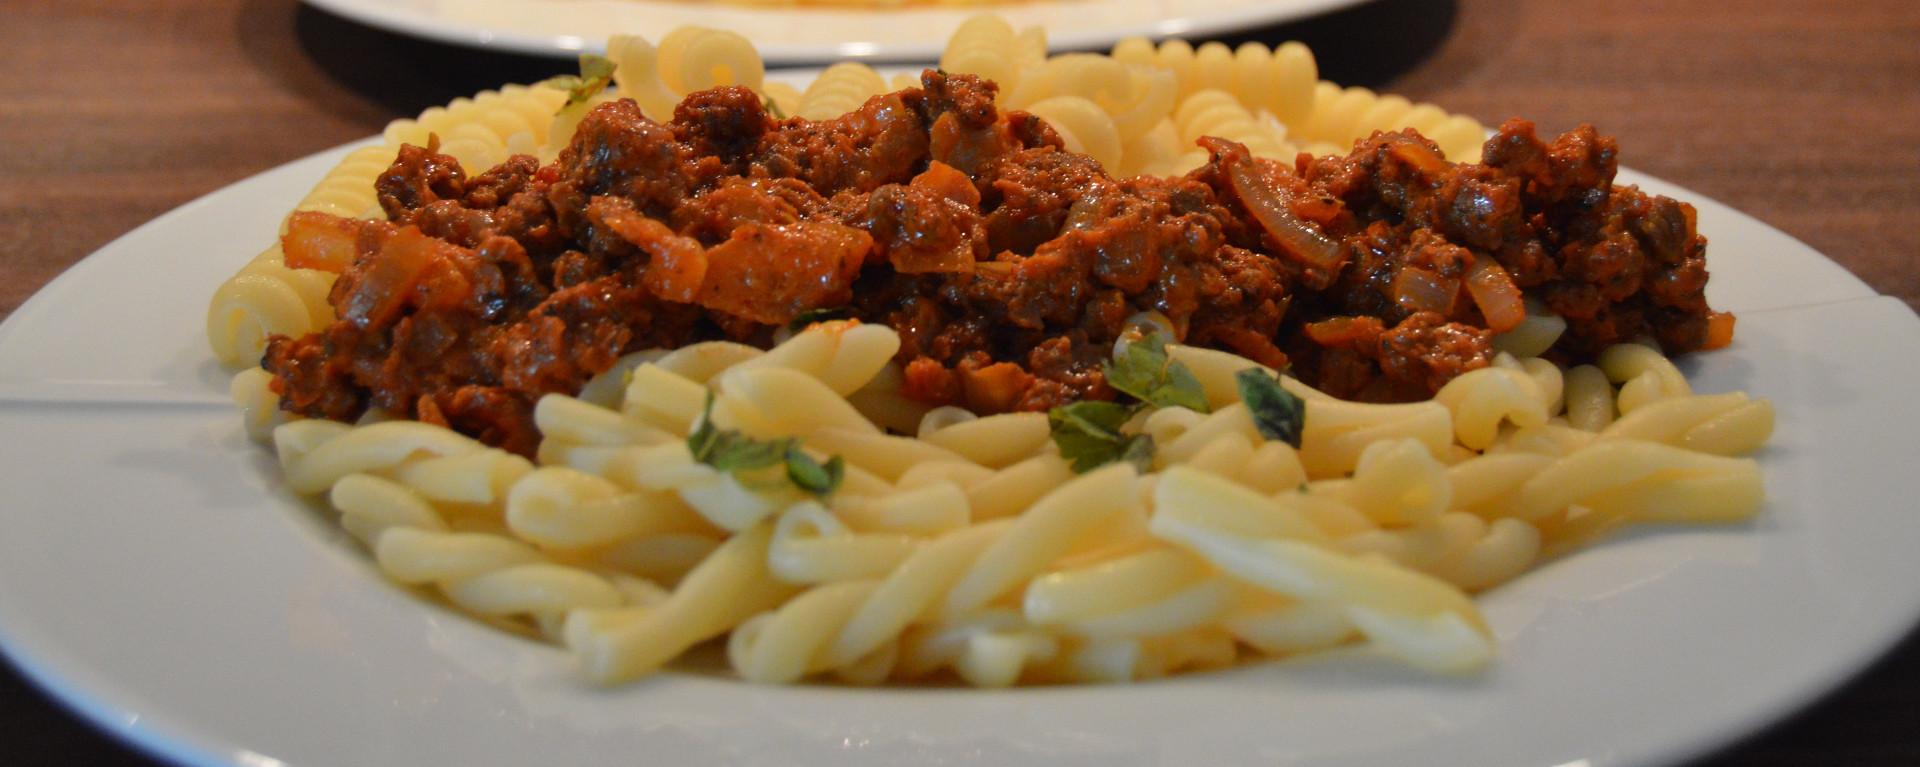 Mom's Homemade Italian